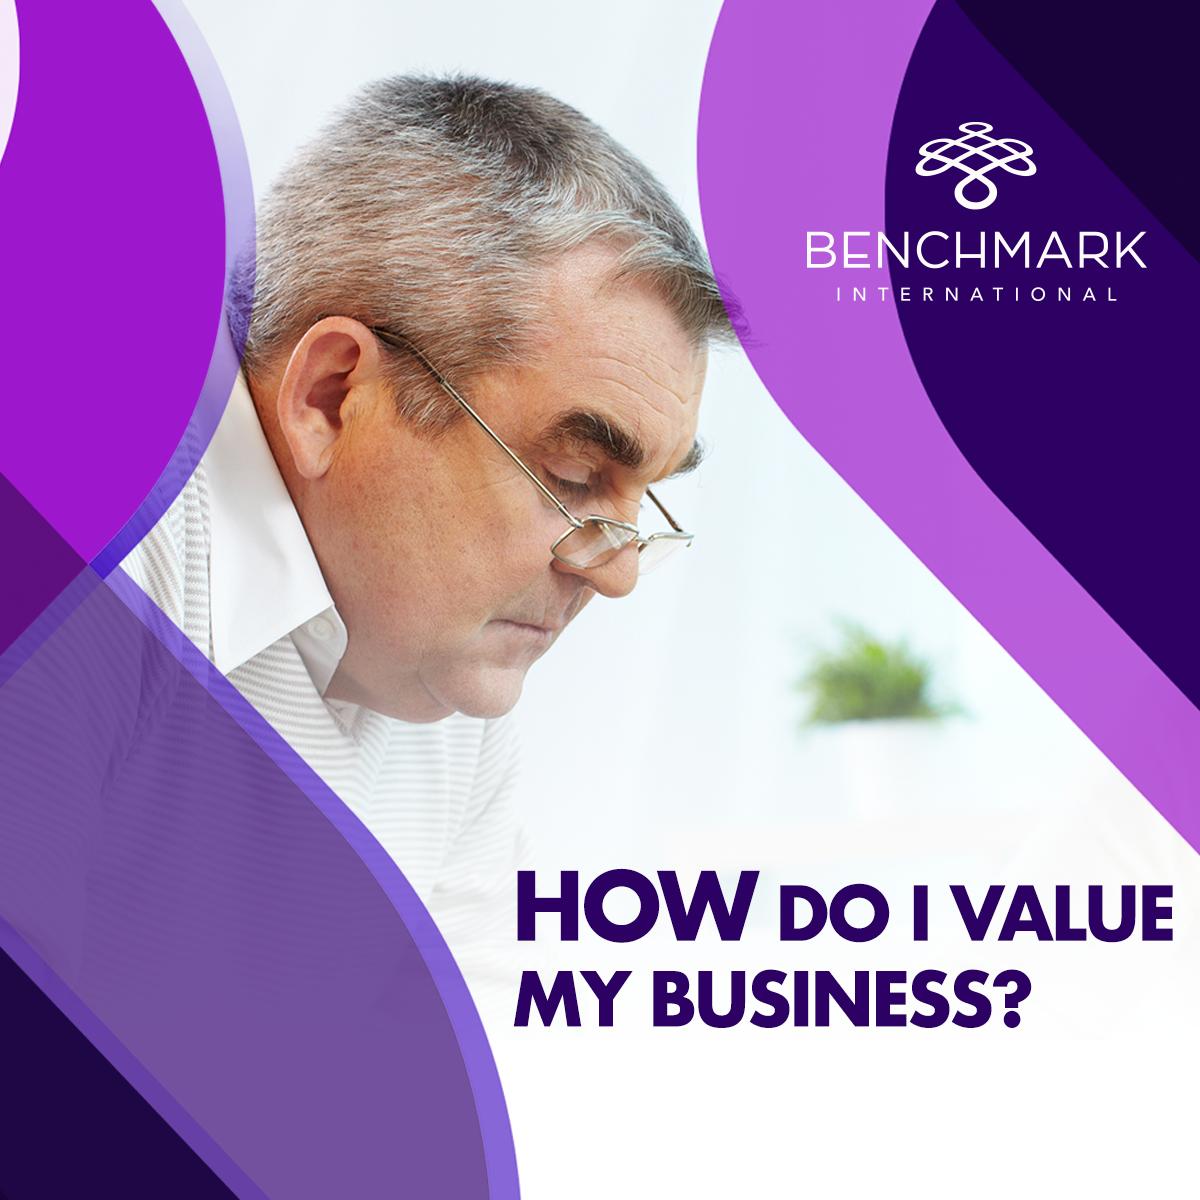 How-do-i-value-my-business_social 2